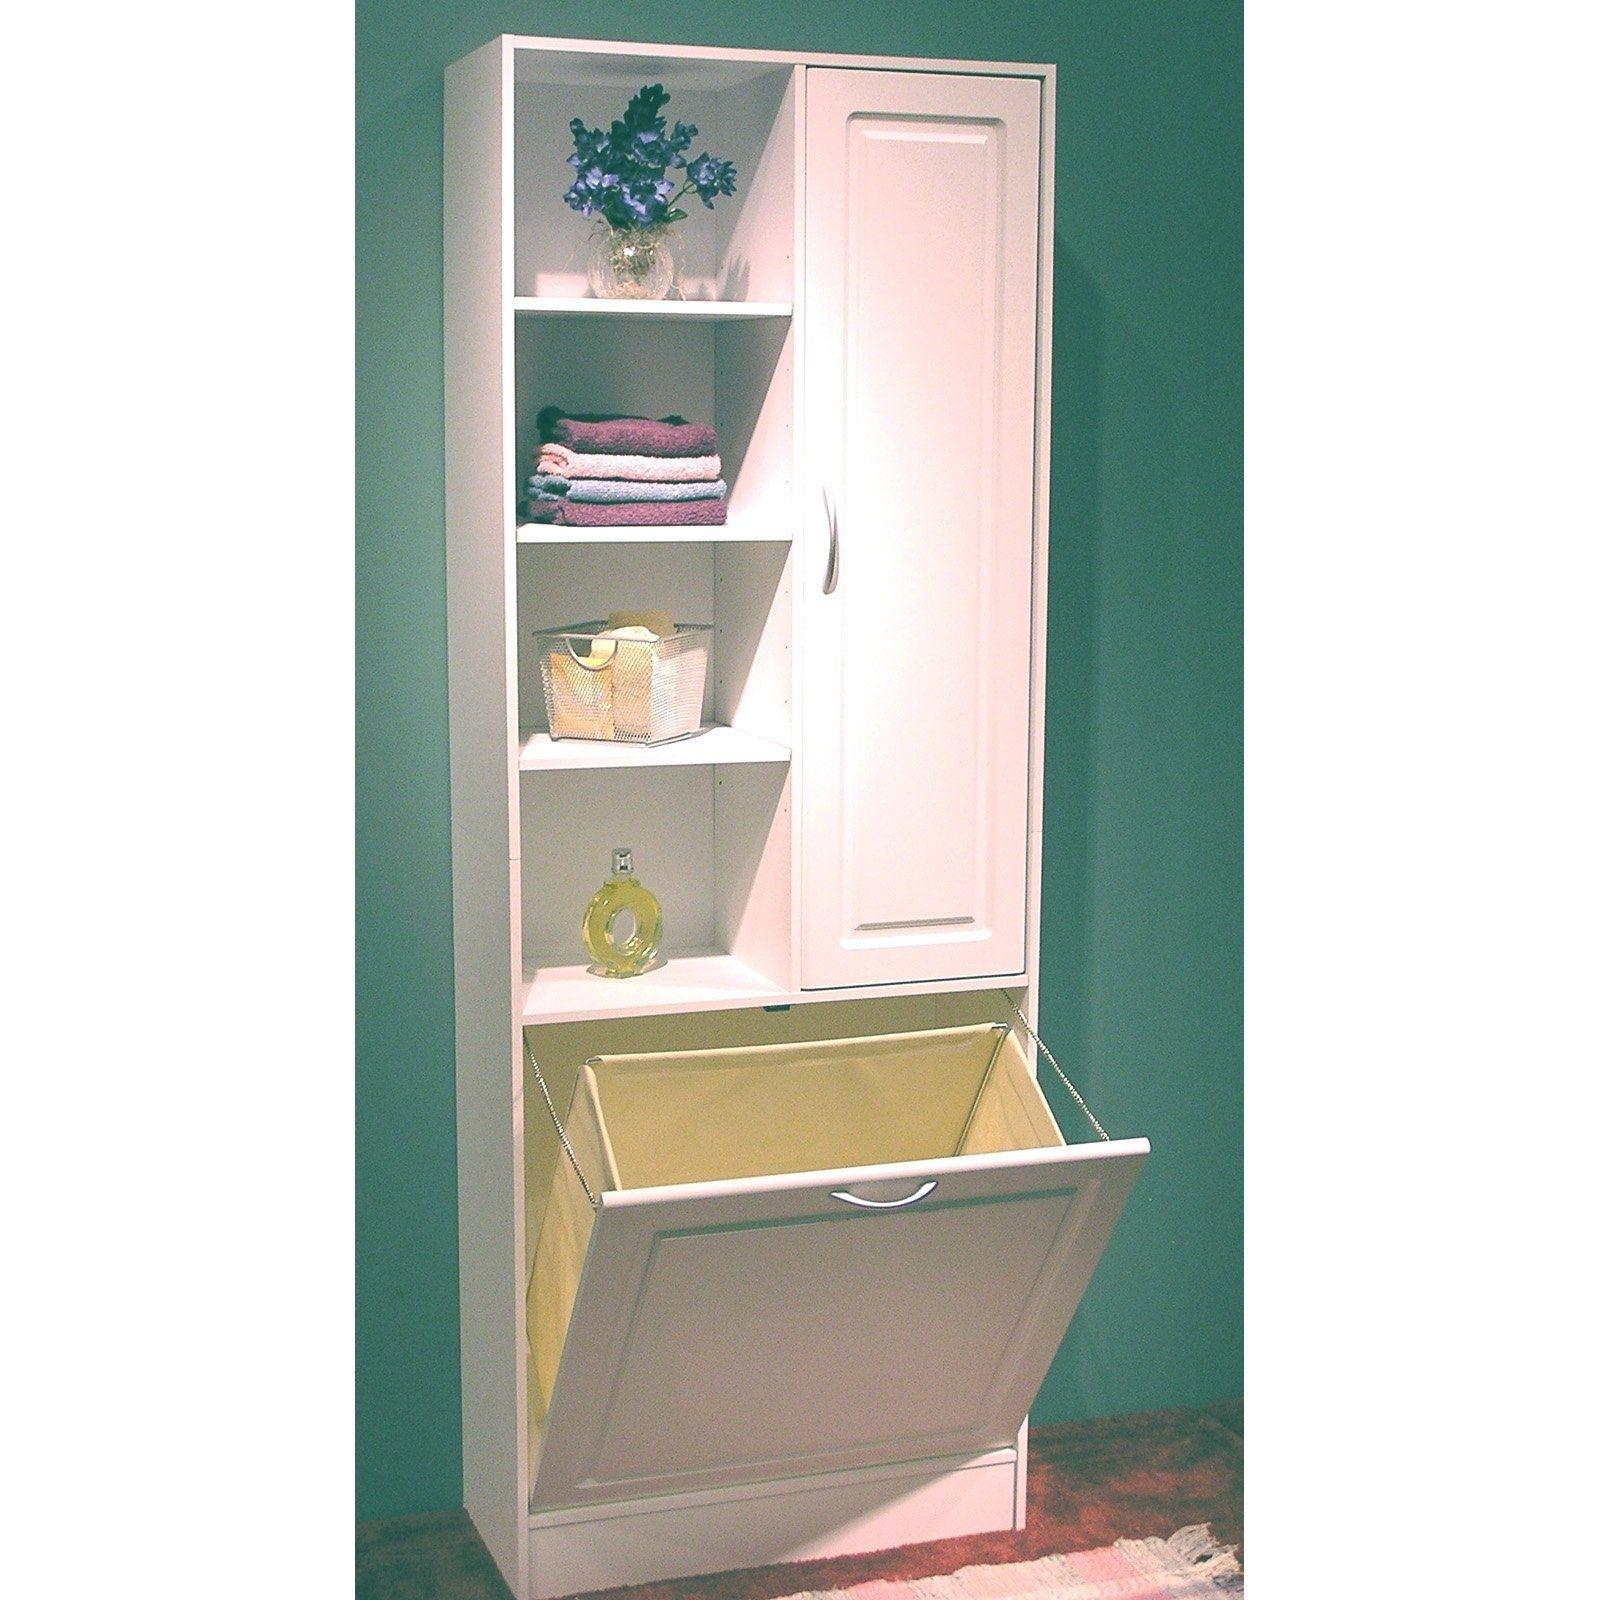 Hamper With Shelves Ideas On Foter